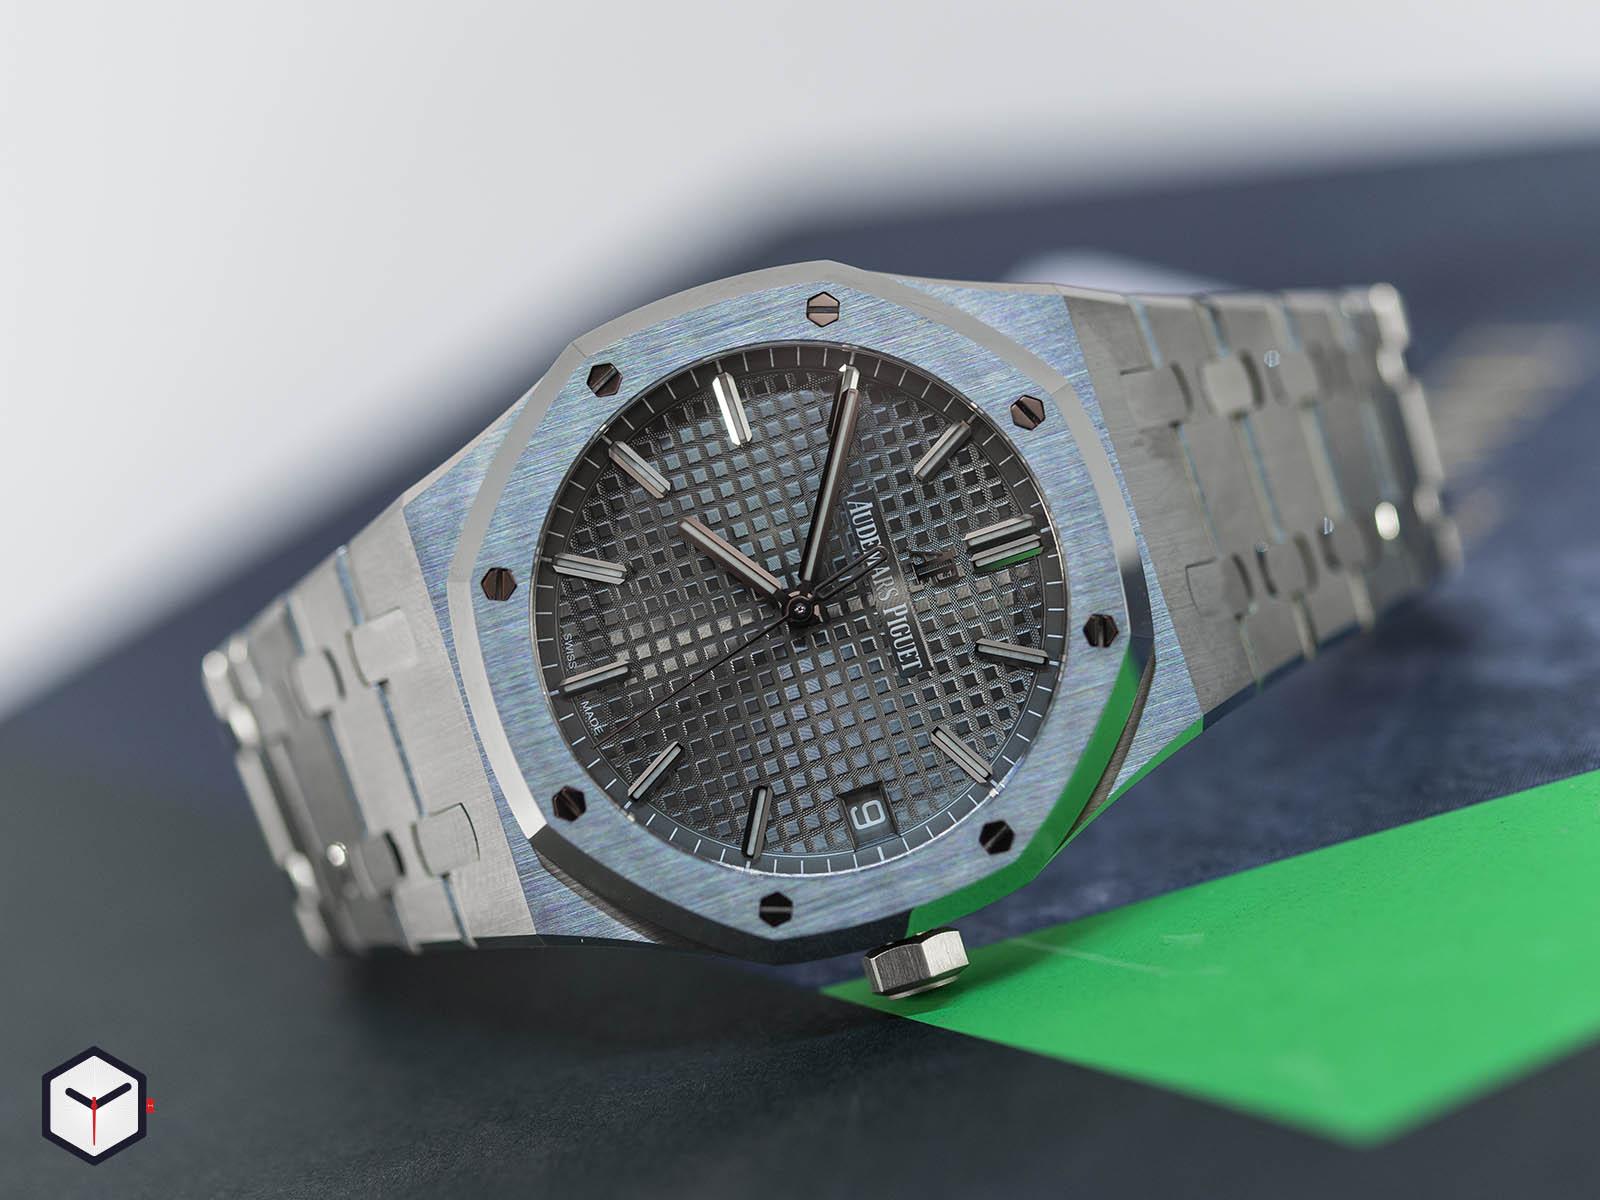 popular-watches-6.jpg